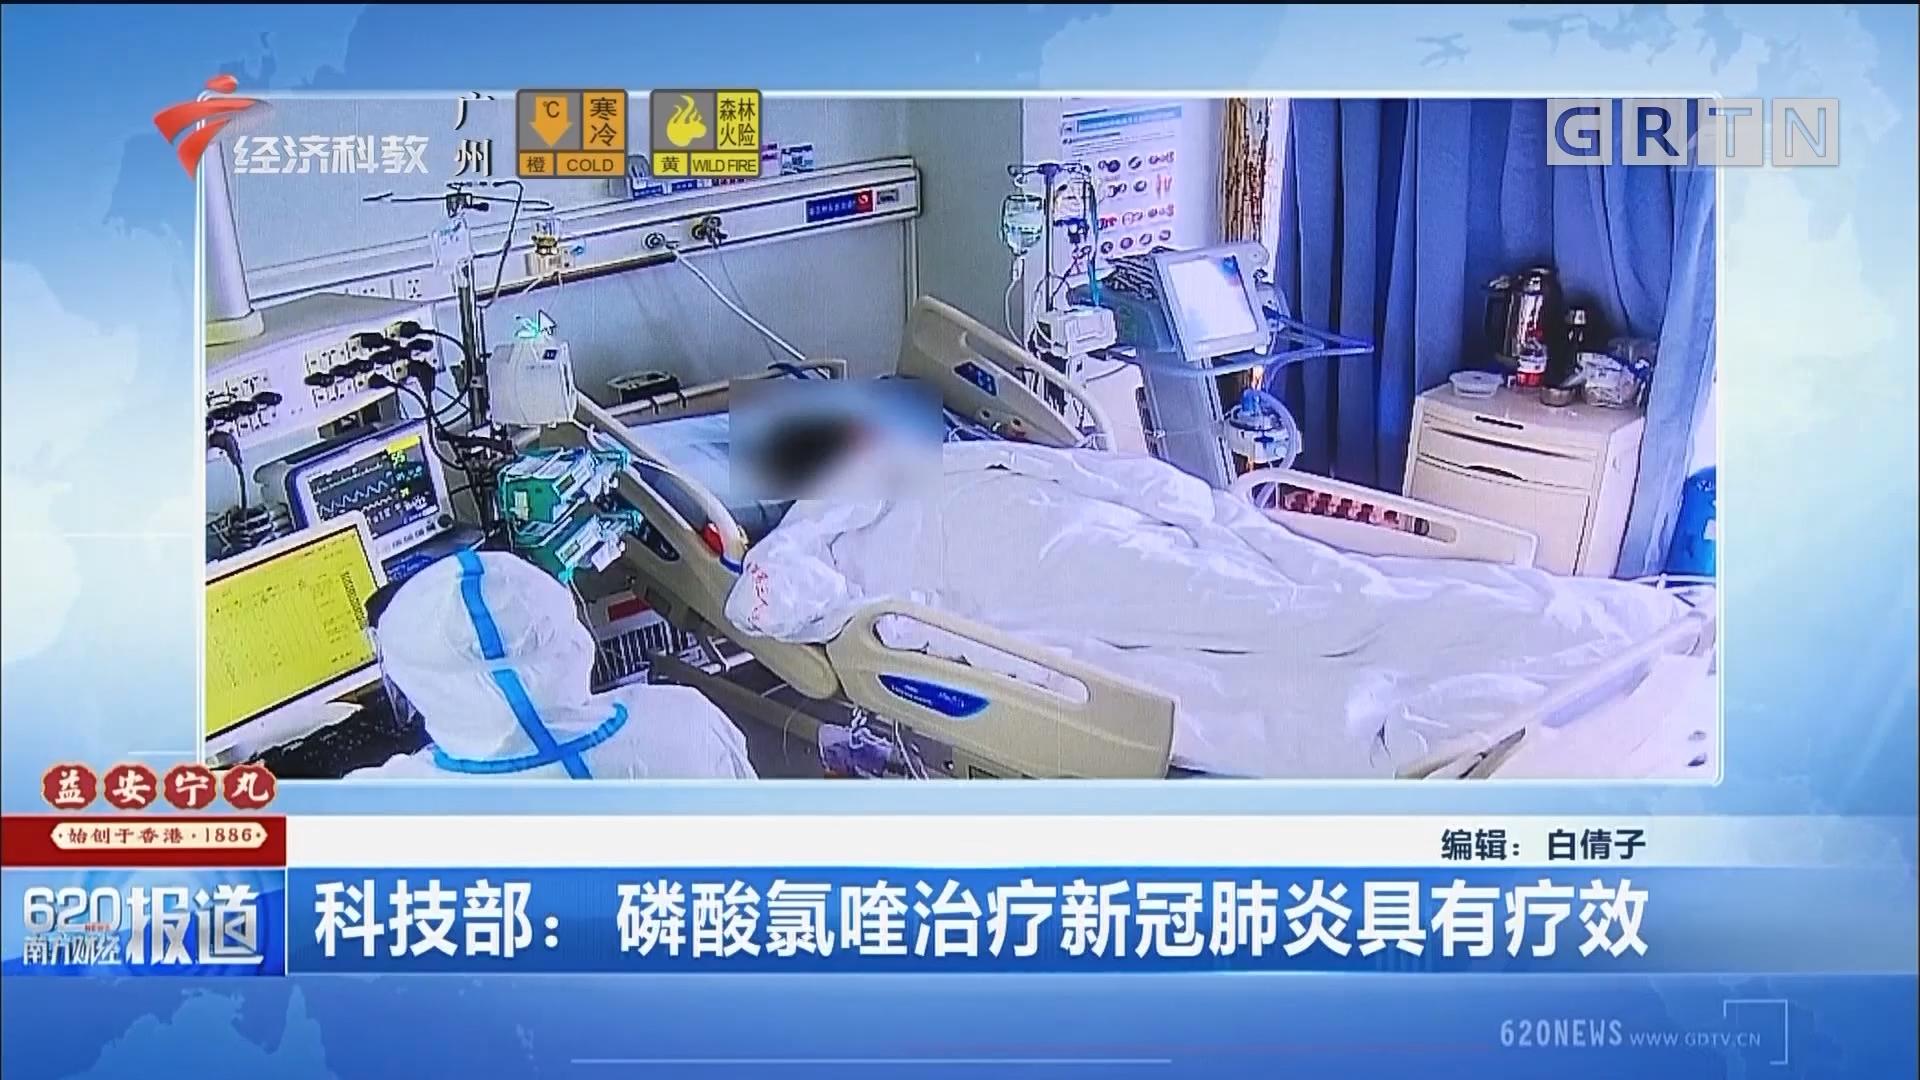 科技部:磷酸氯喹治疗新冠肺炎具有疗效